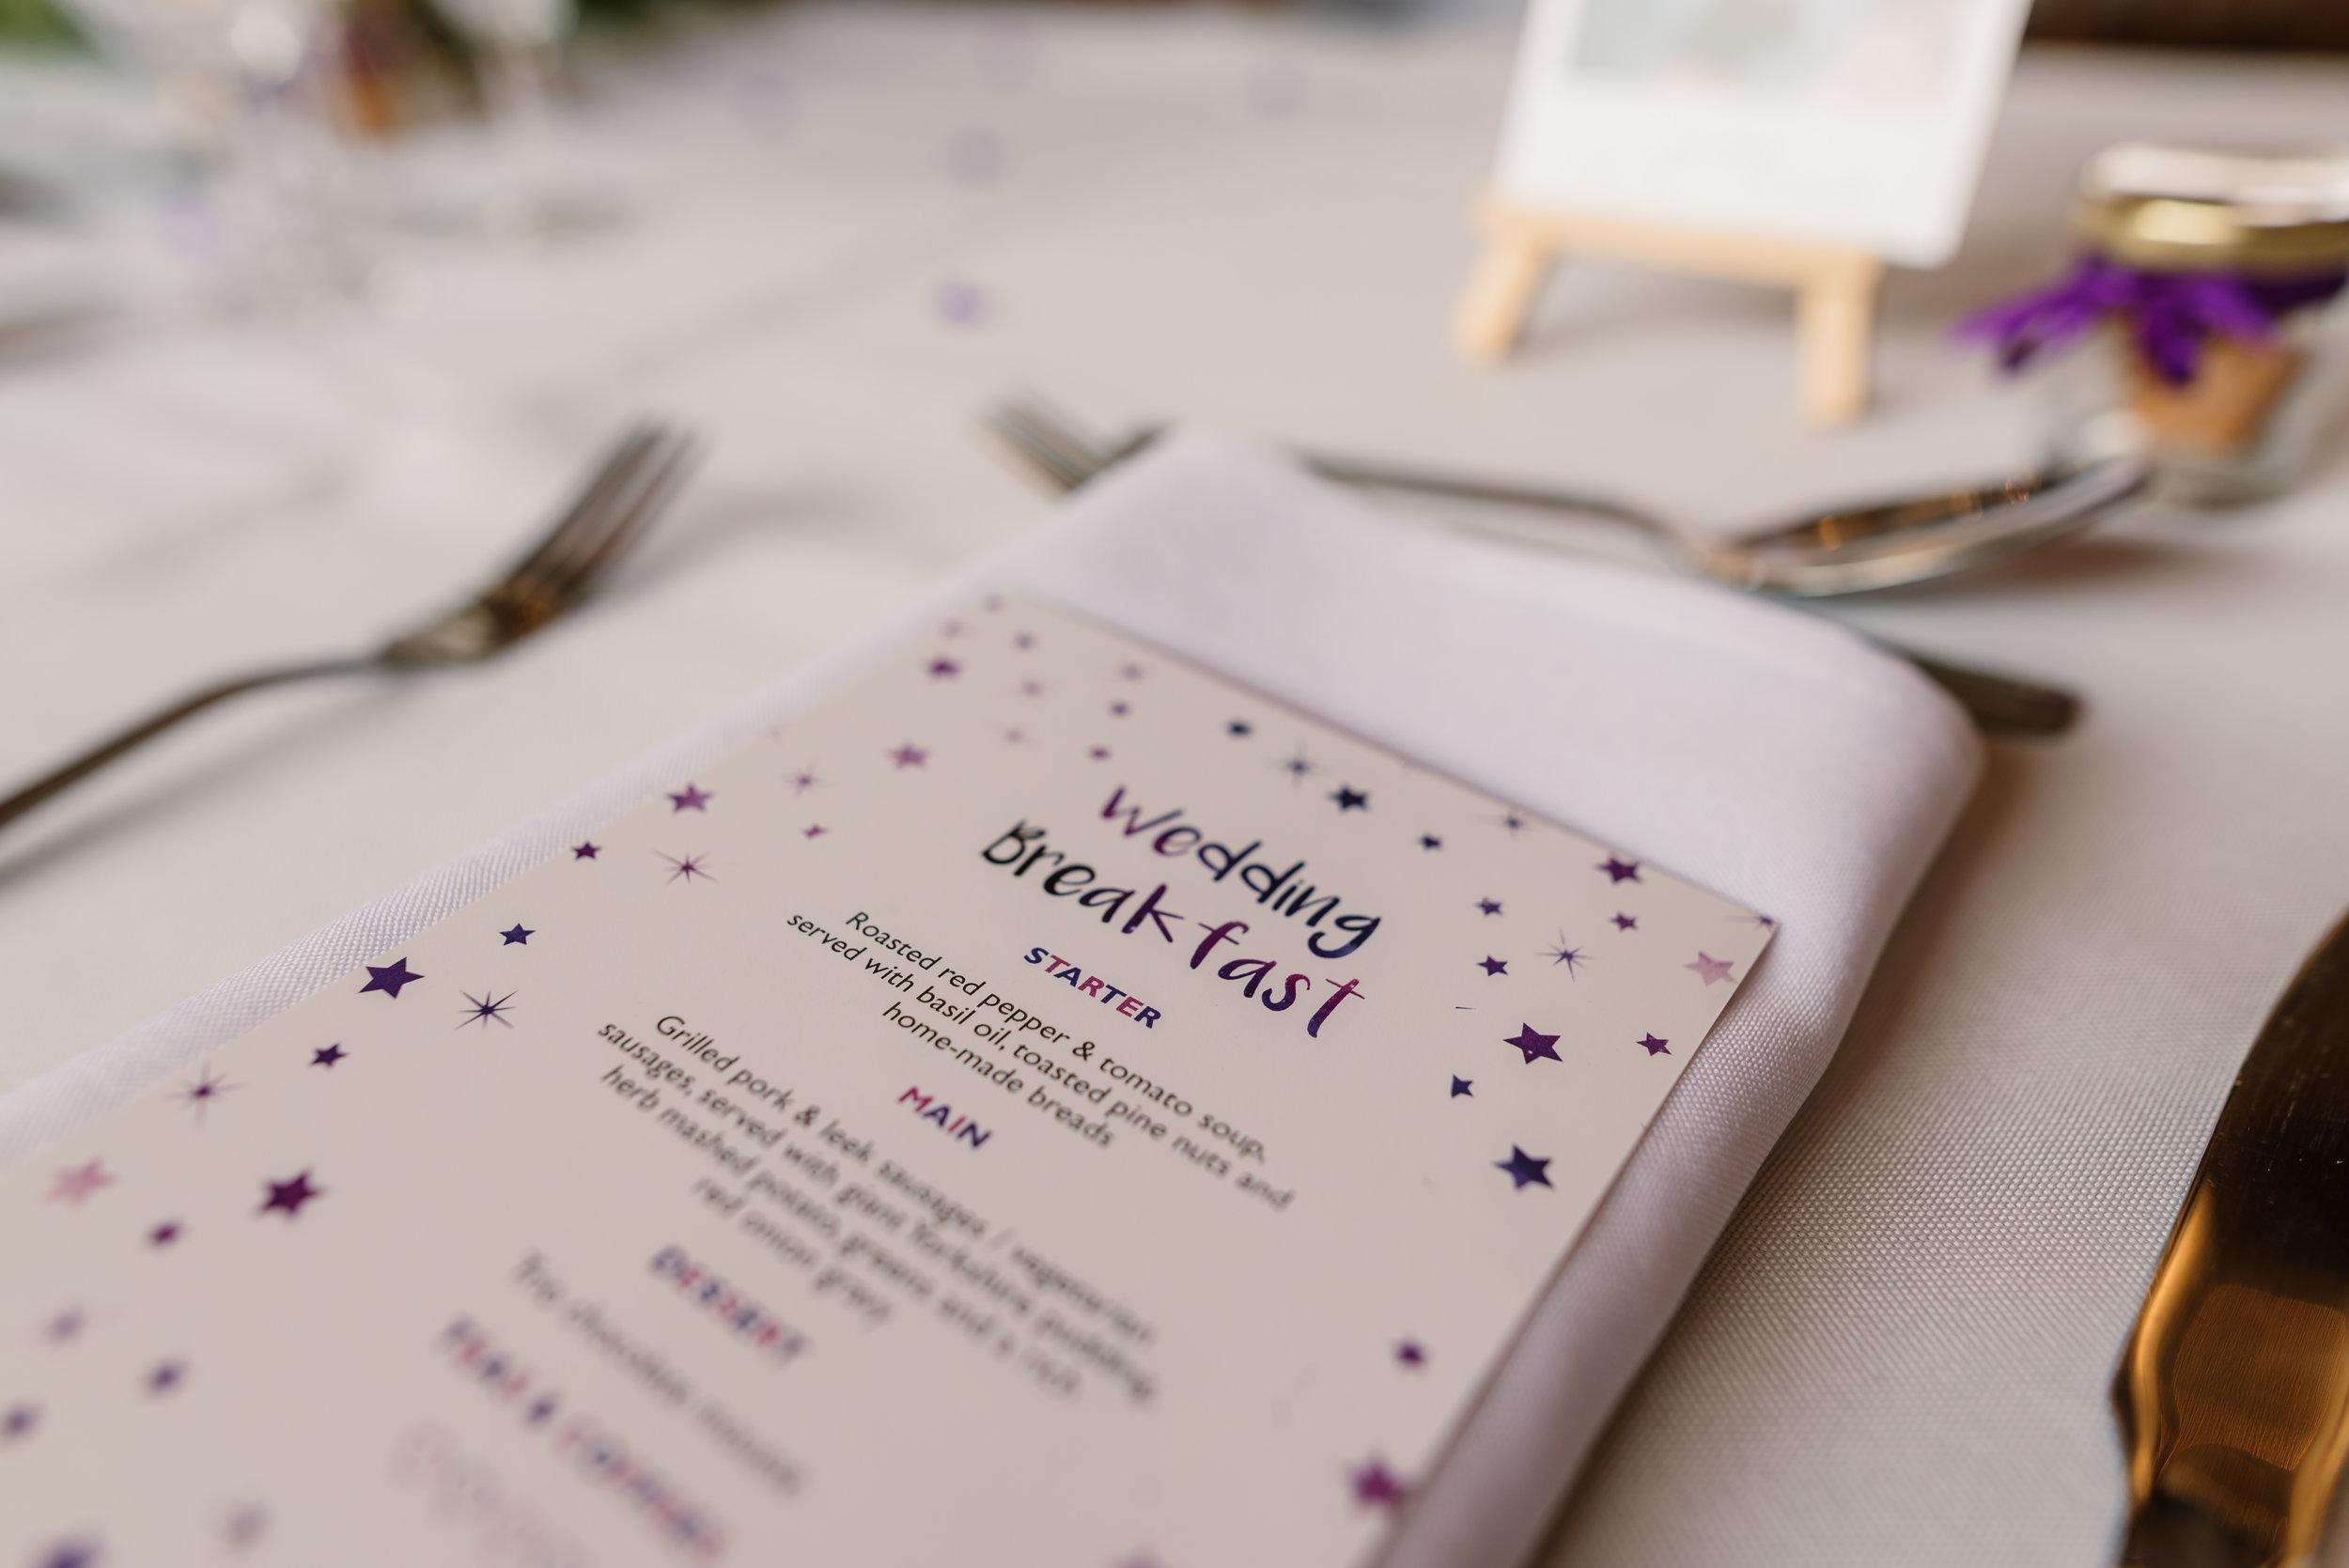 Hampshire Wedding Photographer Hampshire : Ufton-Court-Wedding : Barn-wedding-venue-hampshire : sarah-fishlock-photography : hampshire-barn-wedding-647.jpg